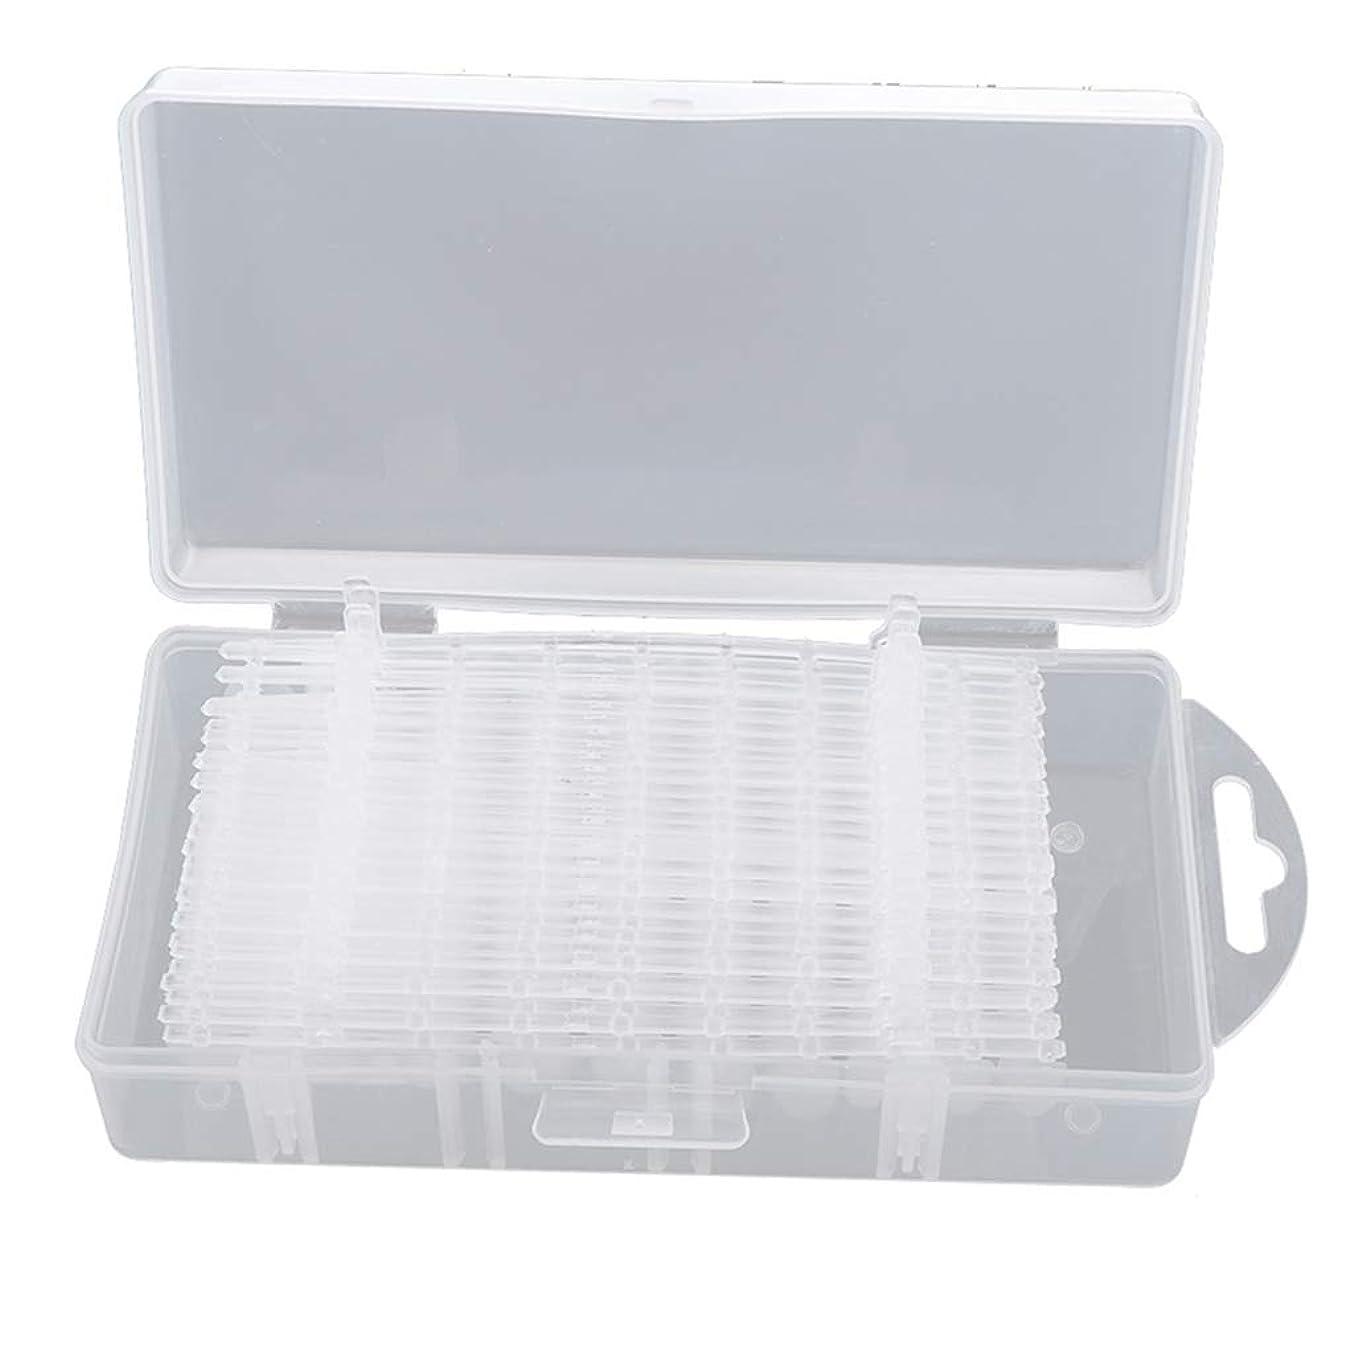 スラックどれでも好奇心B Baosity 約300枚 クリア ネイルチップ ネイル練習 DIY ネイル道具 3タイプ選べ - #1